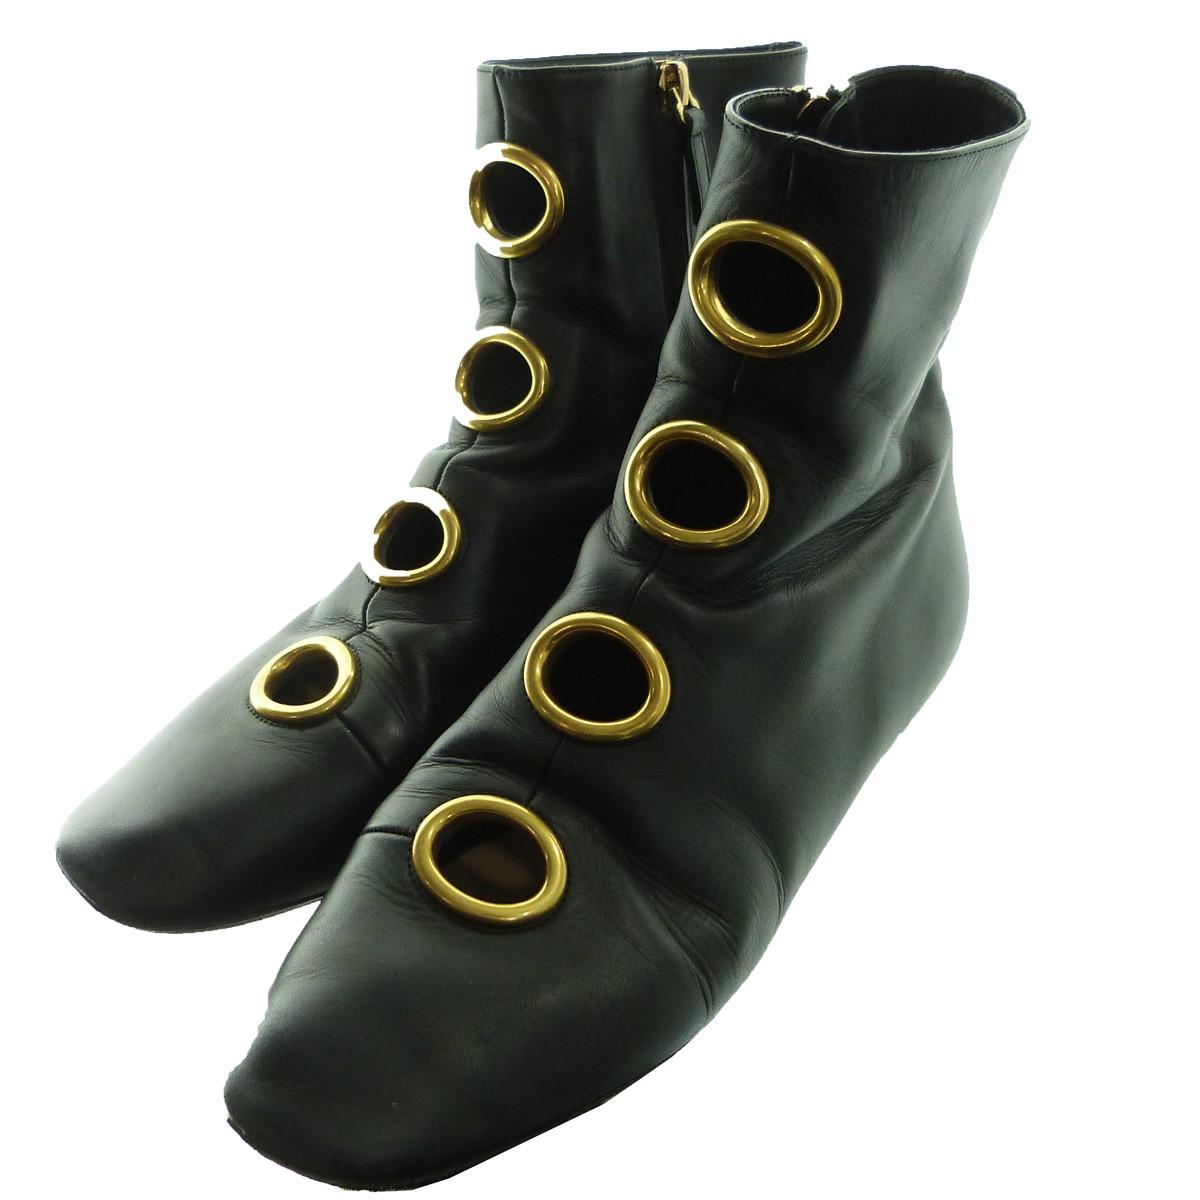 【中古】VALENTINO ハトメサイドZIPブーツ ブラック サイズ:39 【160120】(ヴァレンチノ)